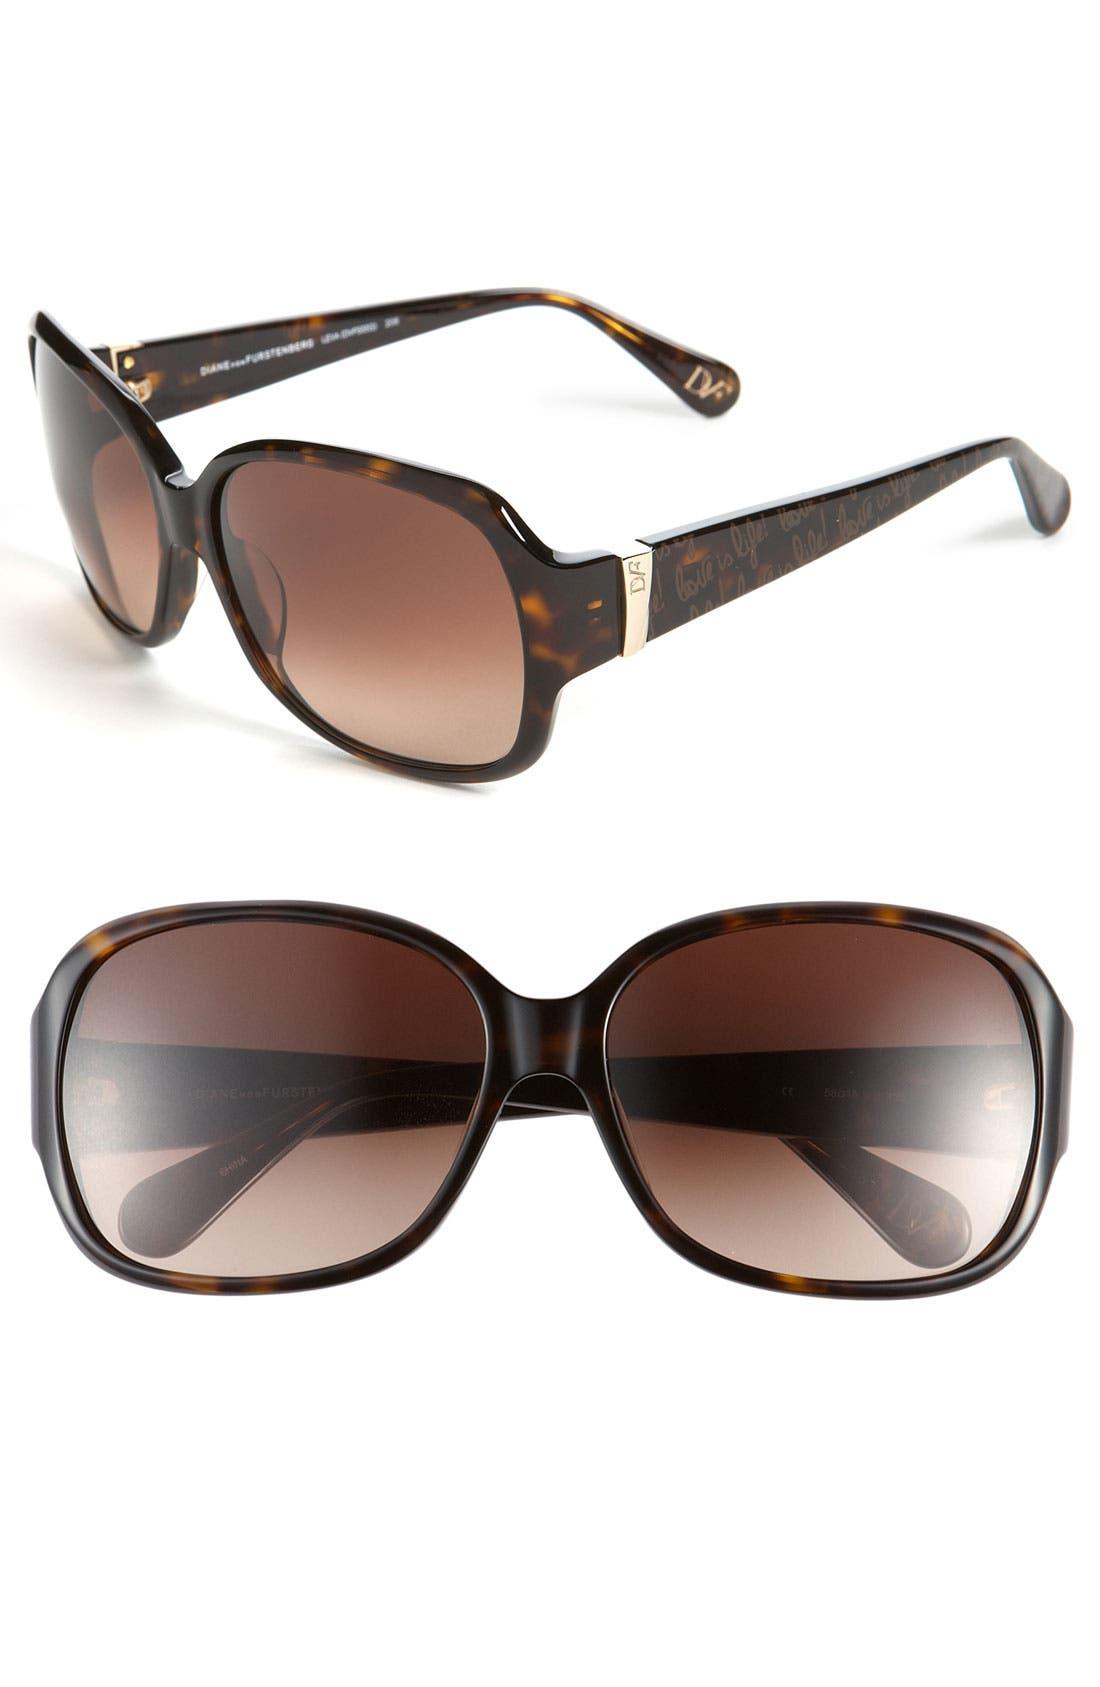 Main Image - Diane von Furstenberg 'Classic' Sunglasses